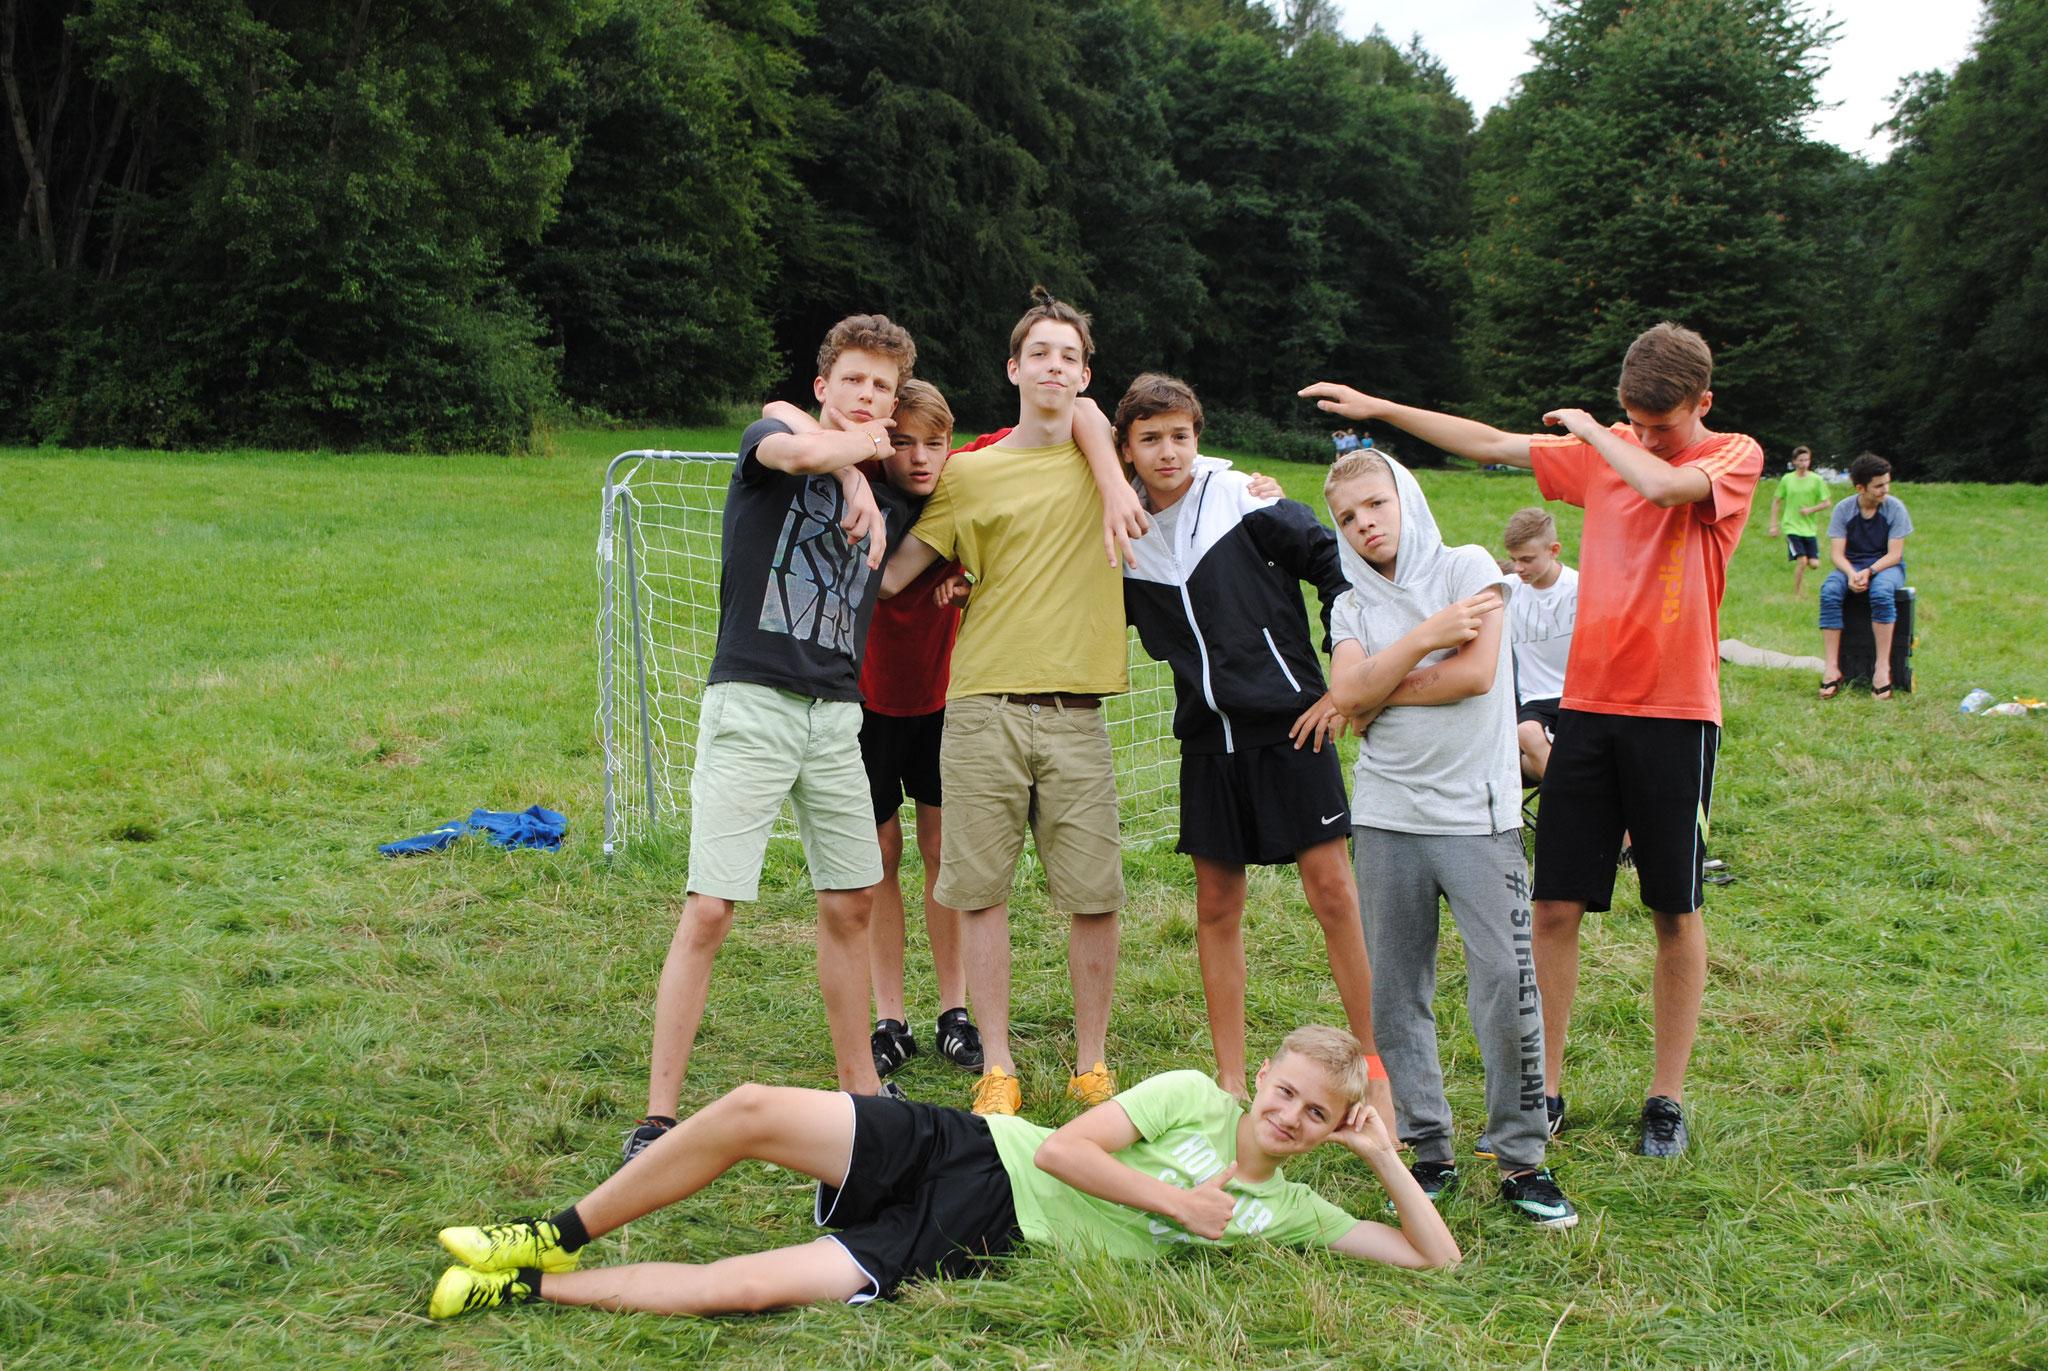 Teamgeist beim Fußballtunier!